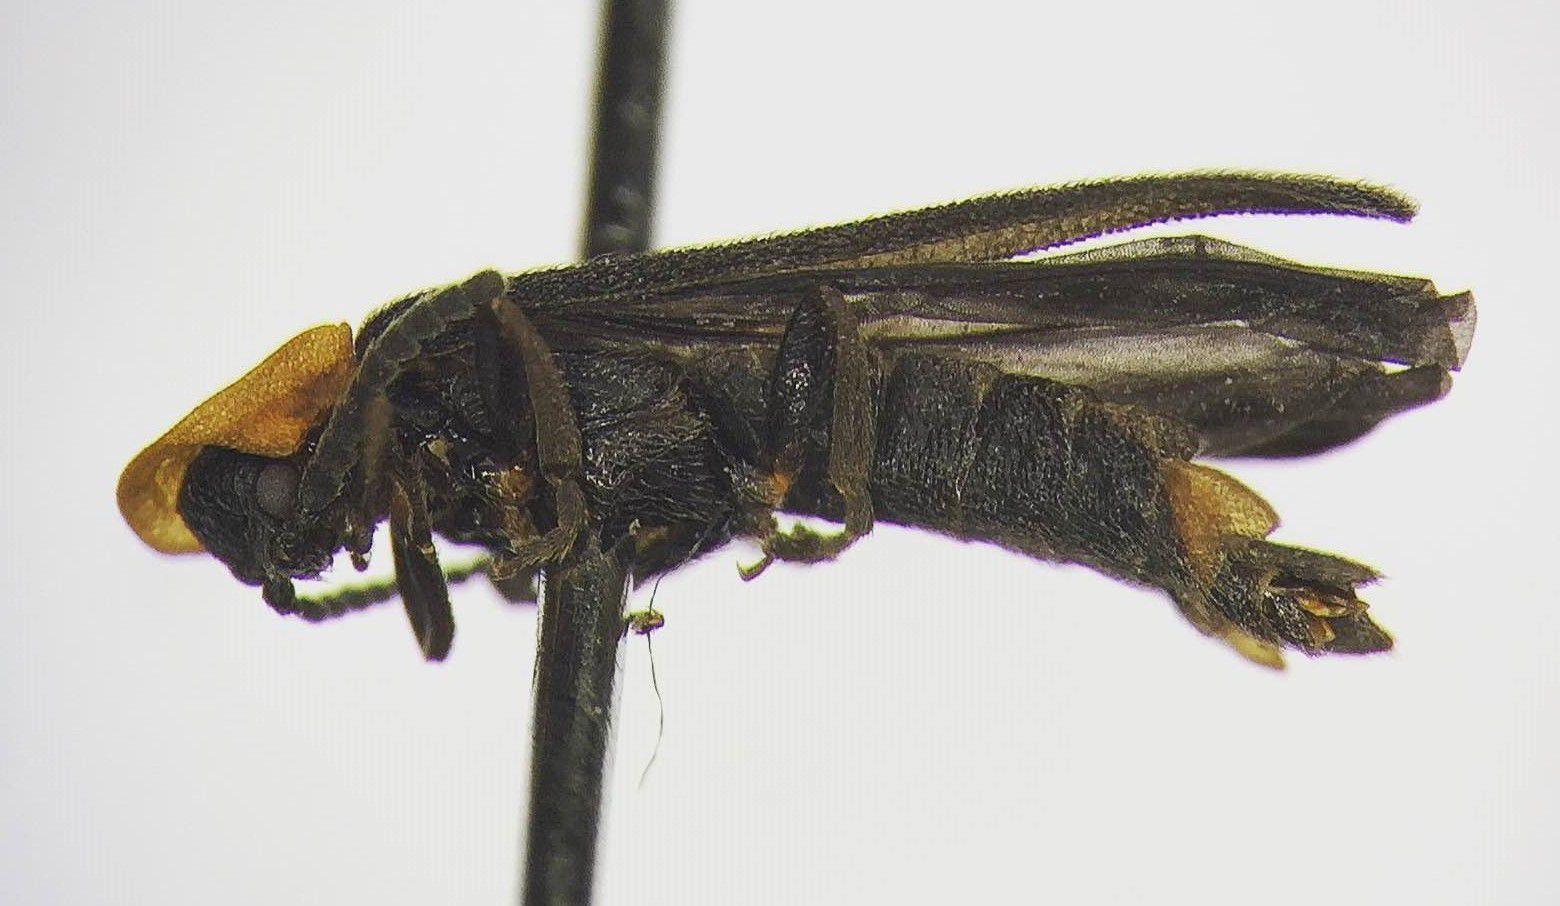 new firefly species